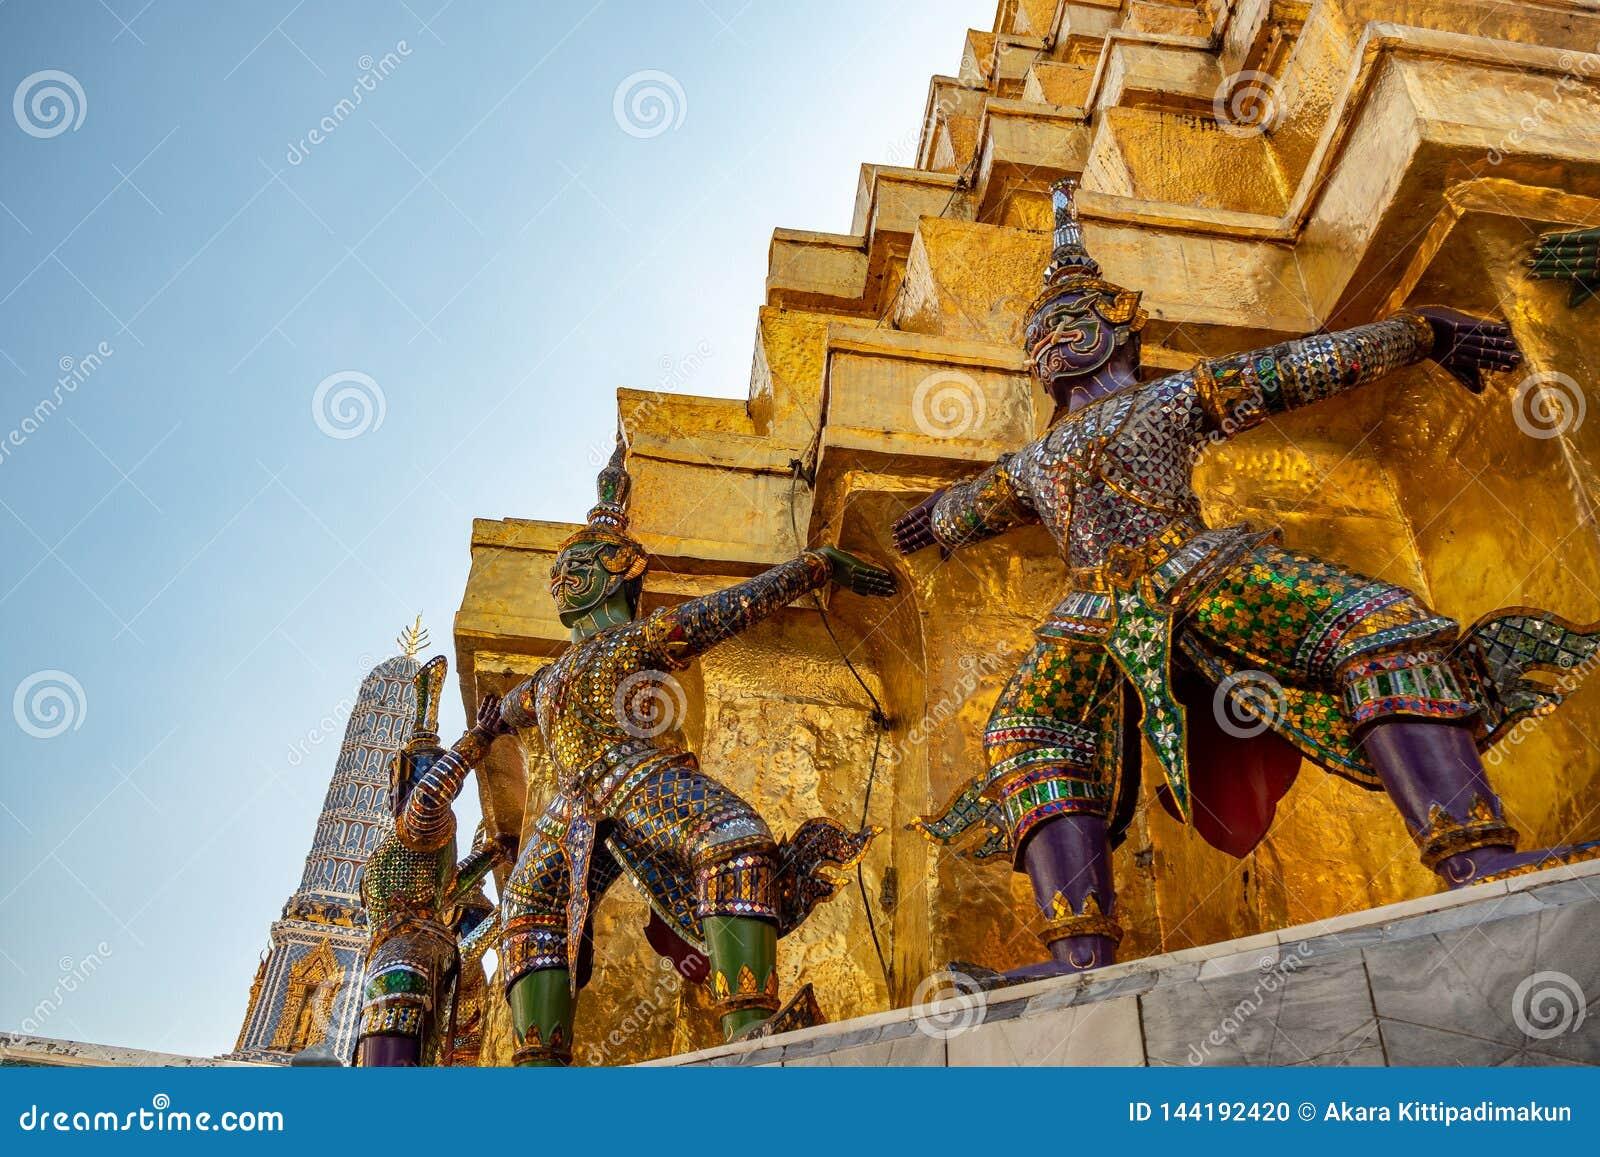 Ángulo bajo de estatuas gigantes en la base de la pagoda de oro en templo real en palacio magnífico con el fondo claro de cielo a